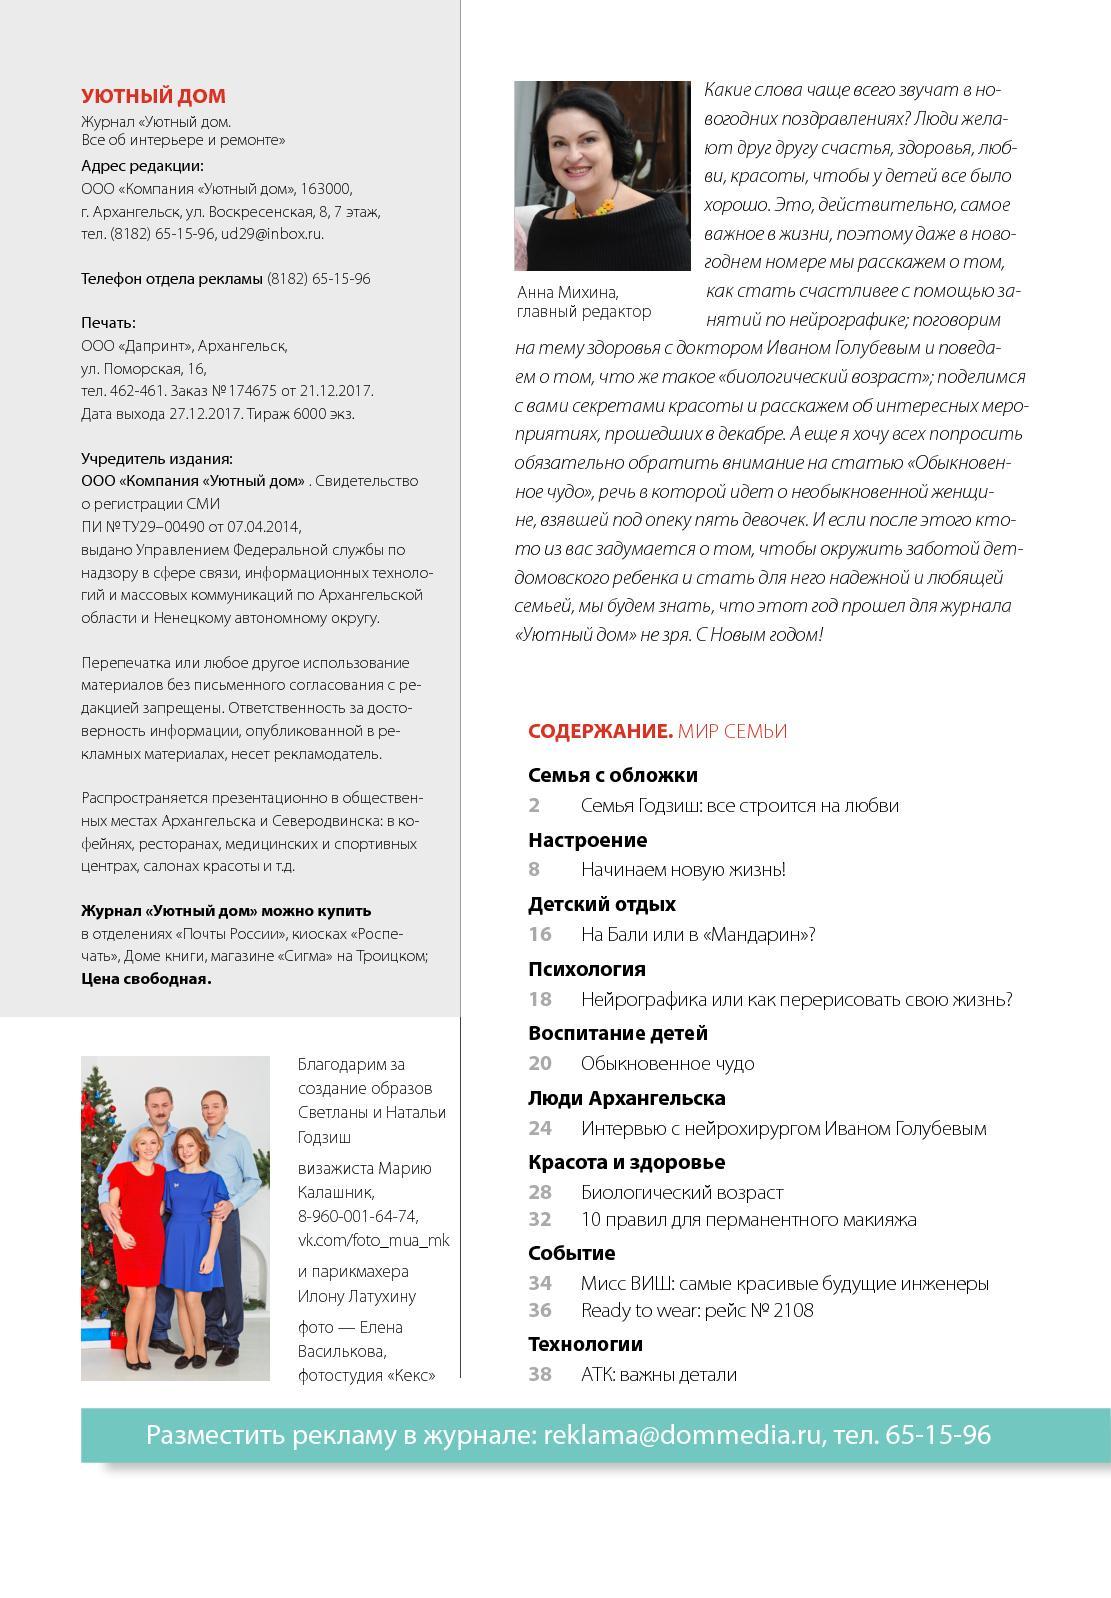 Медицинские справки в бассейн Троицк купить